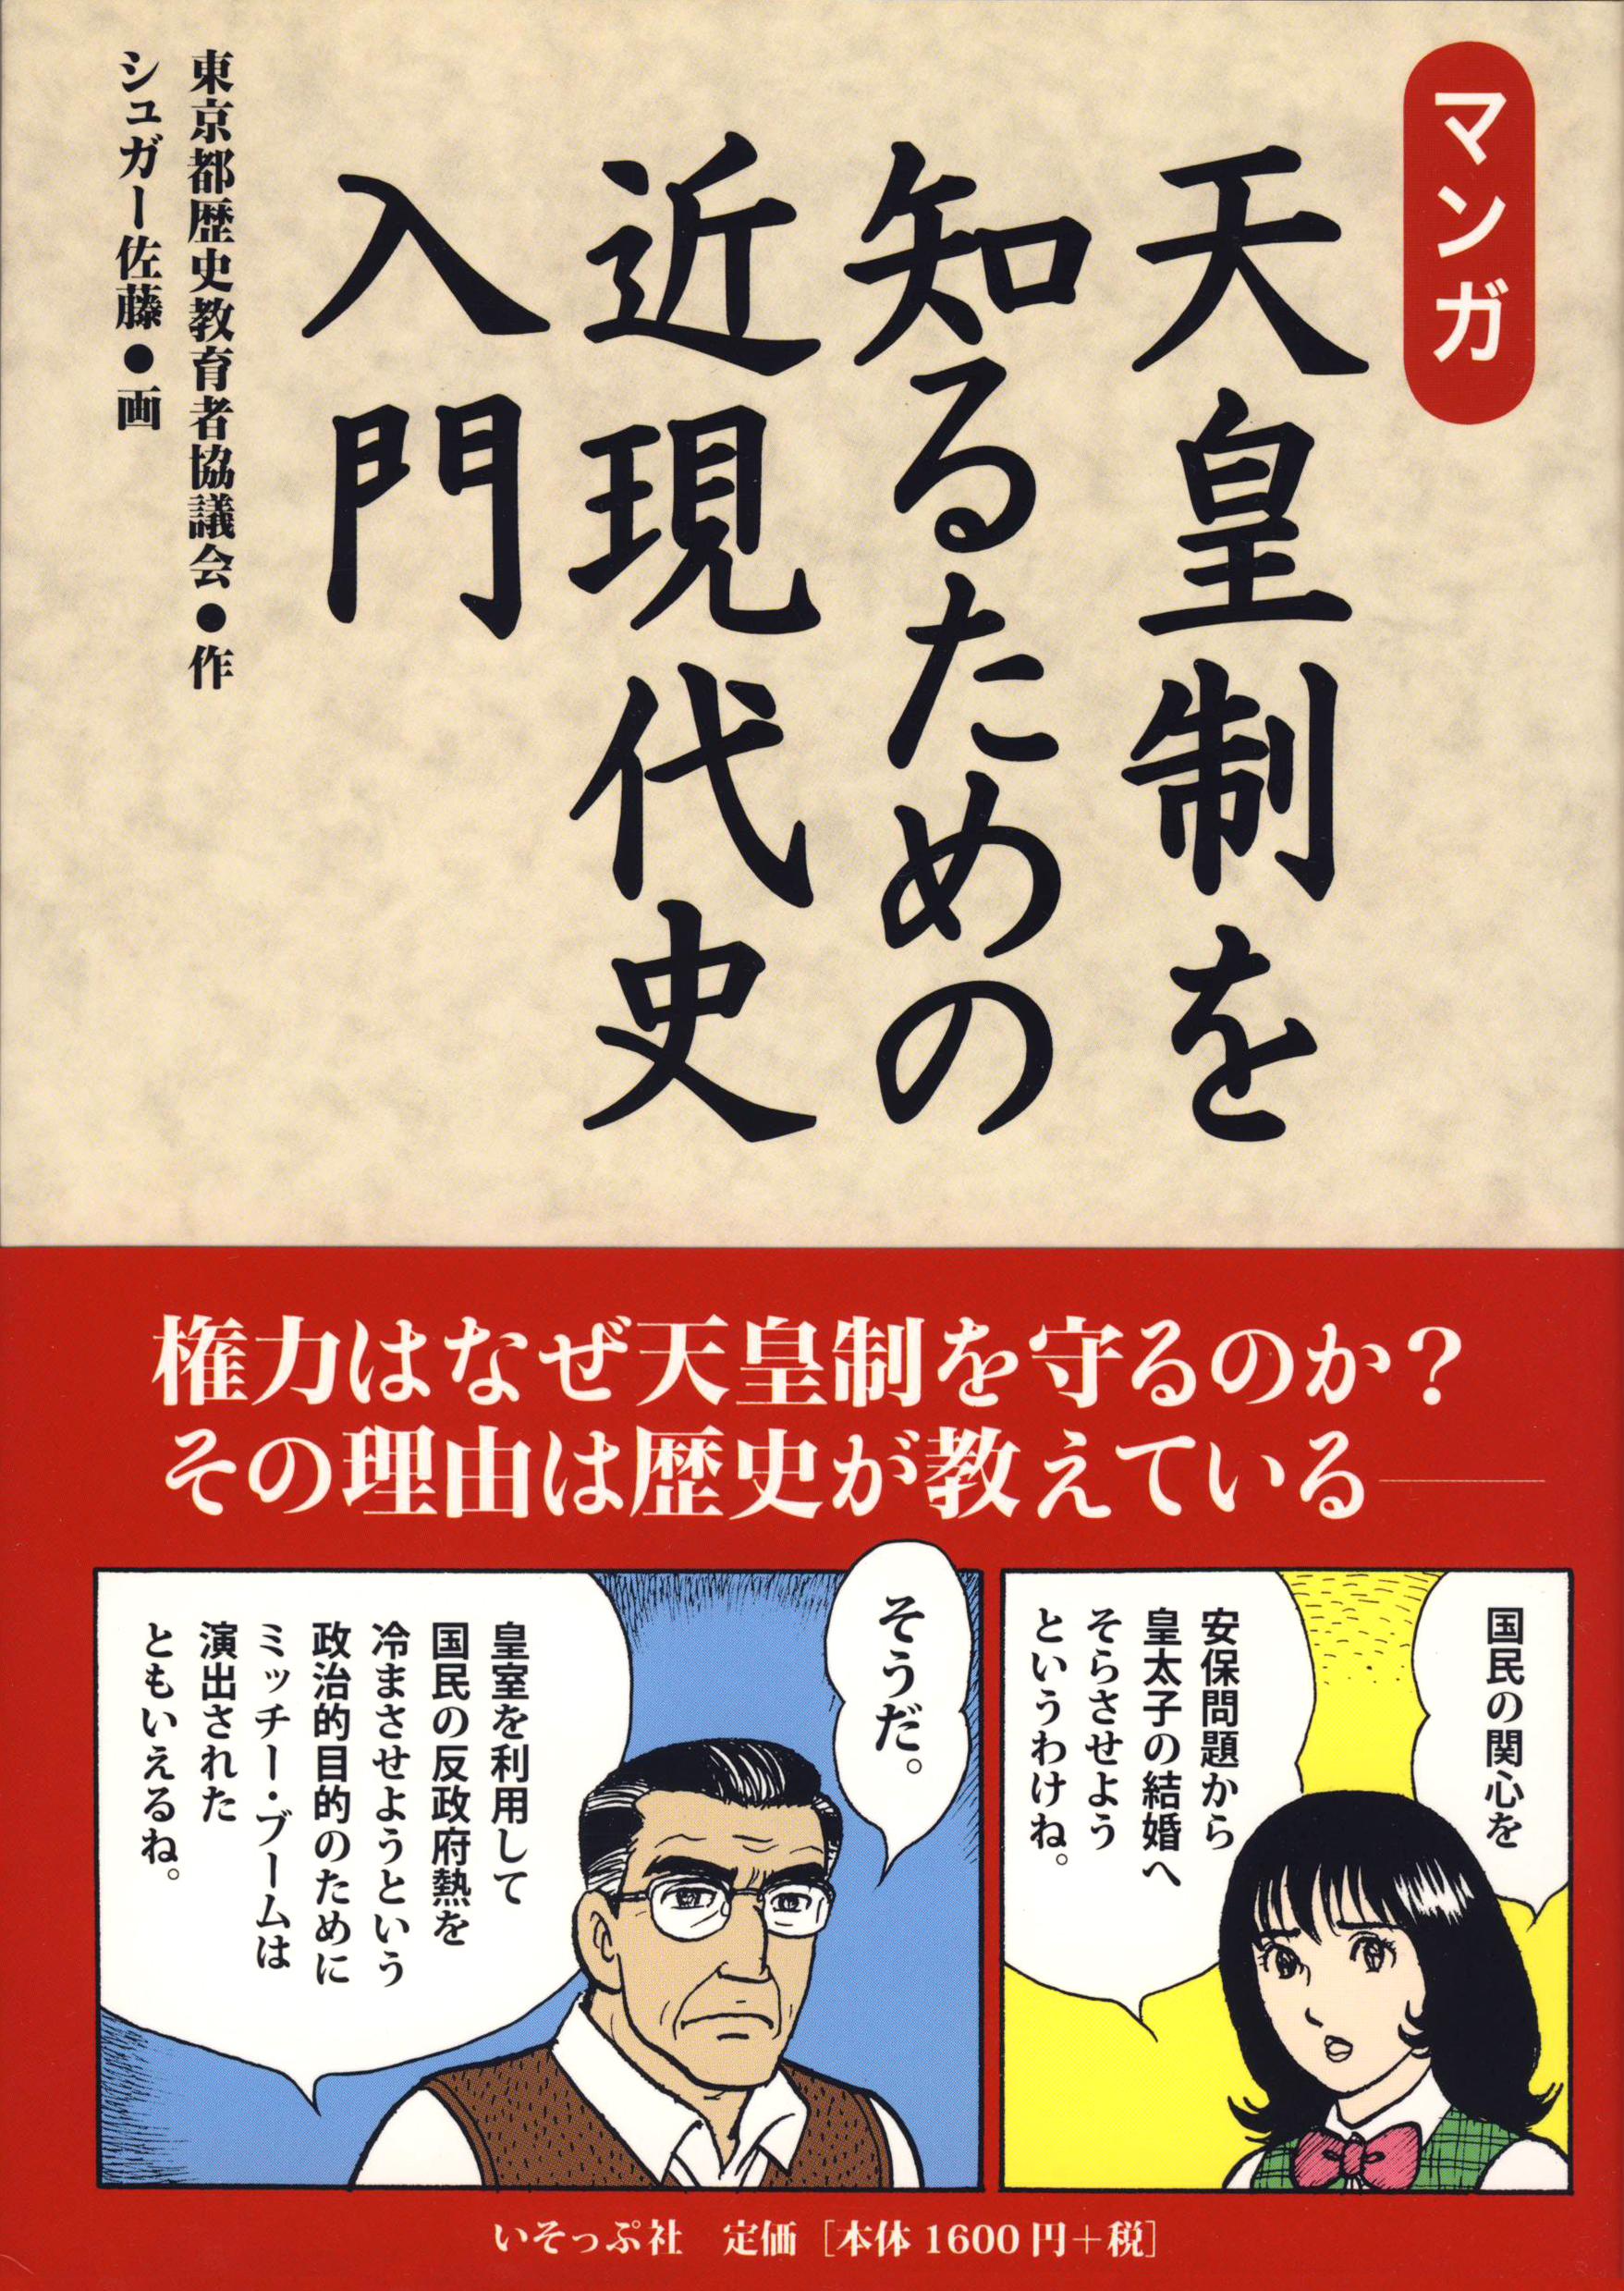 マンガ - マンガ天皇制を知るための近現代史入門 - いそっぷ社